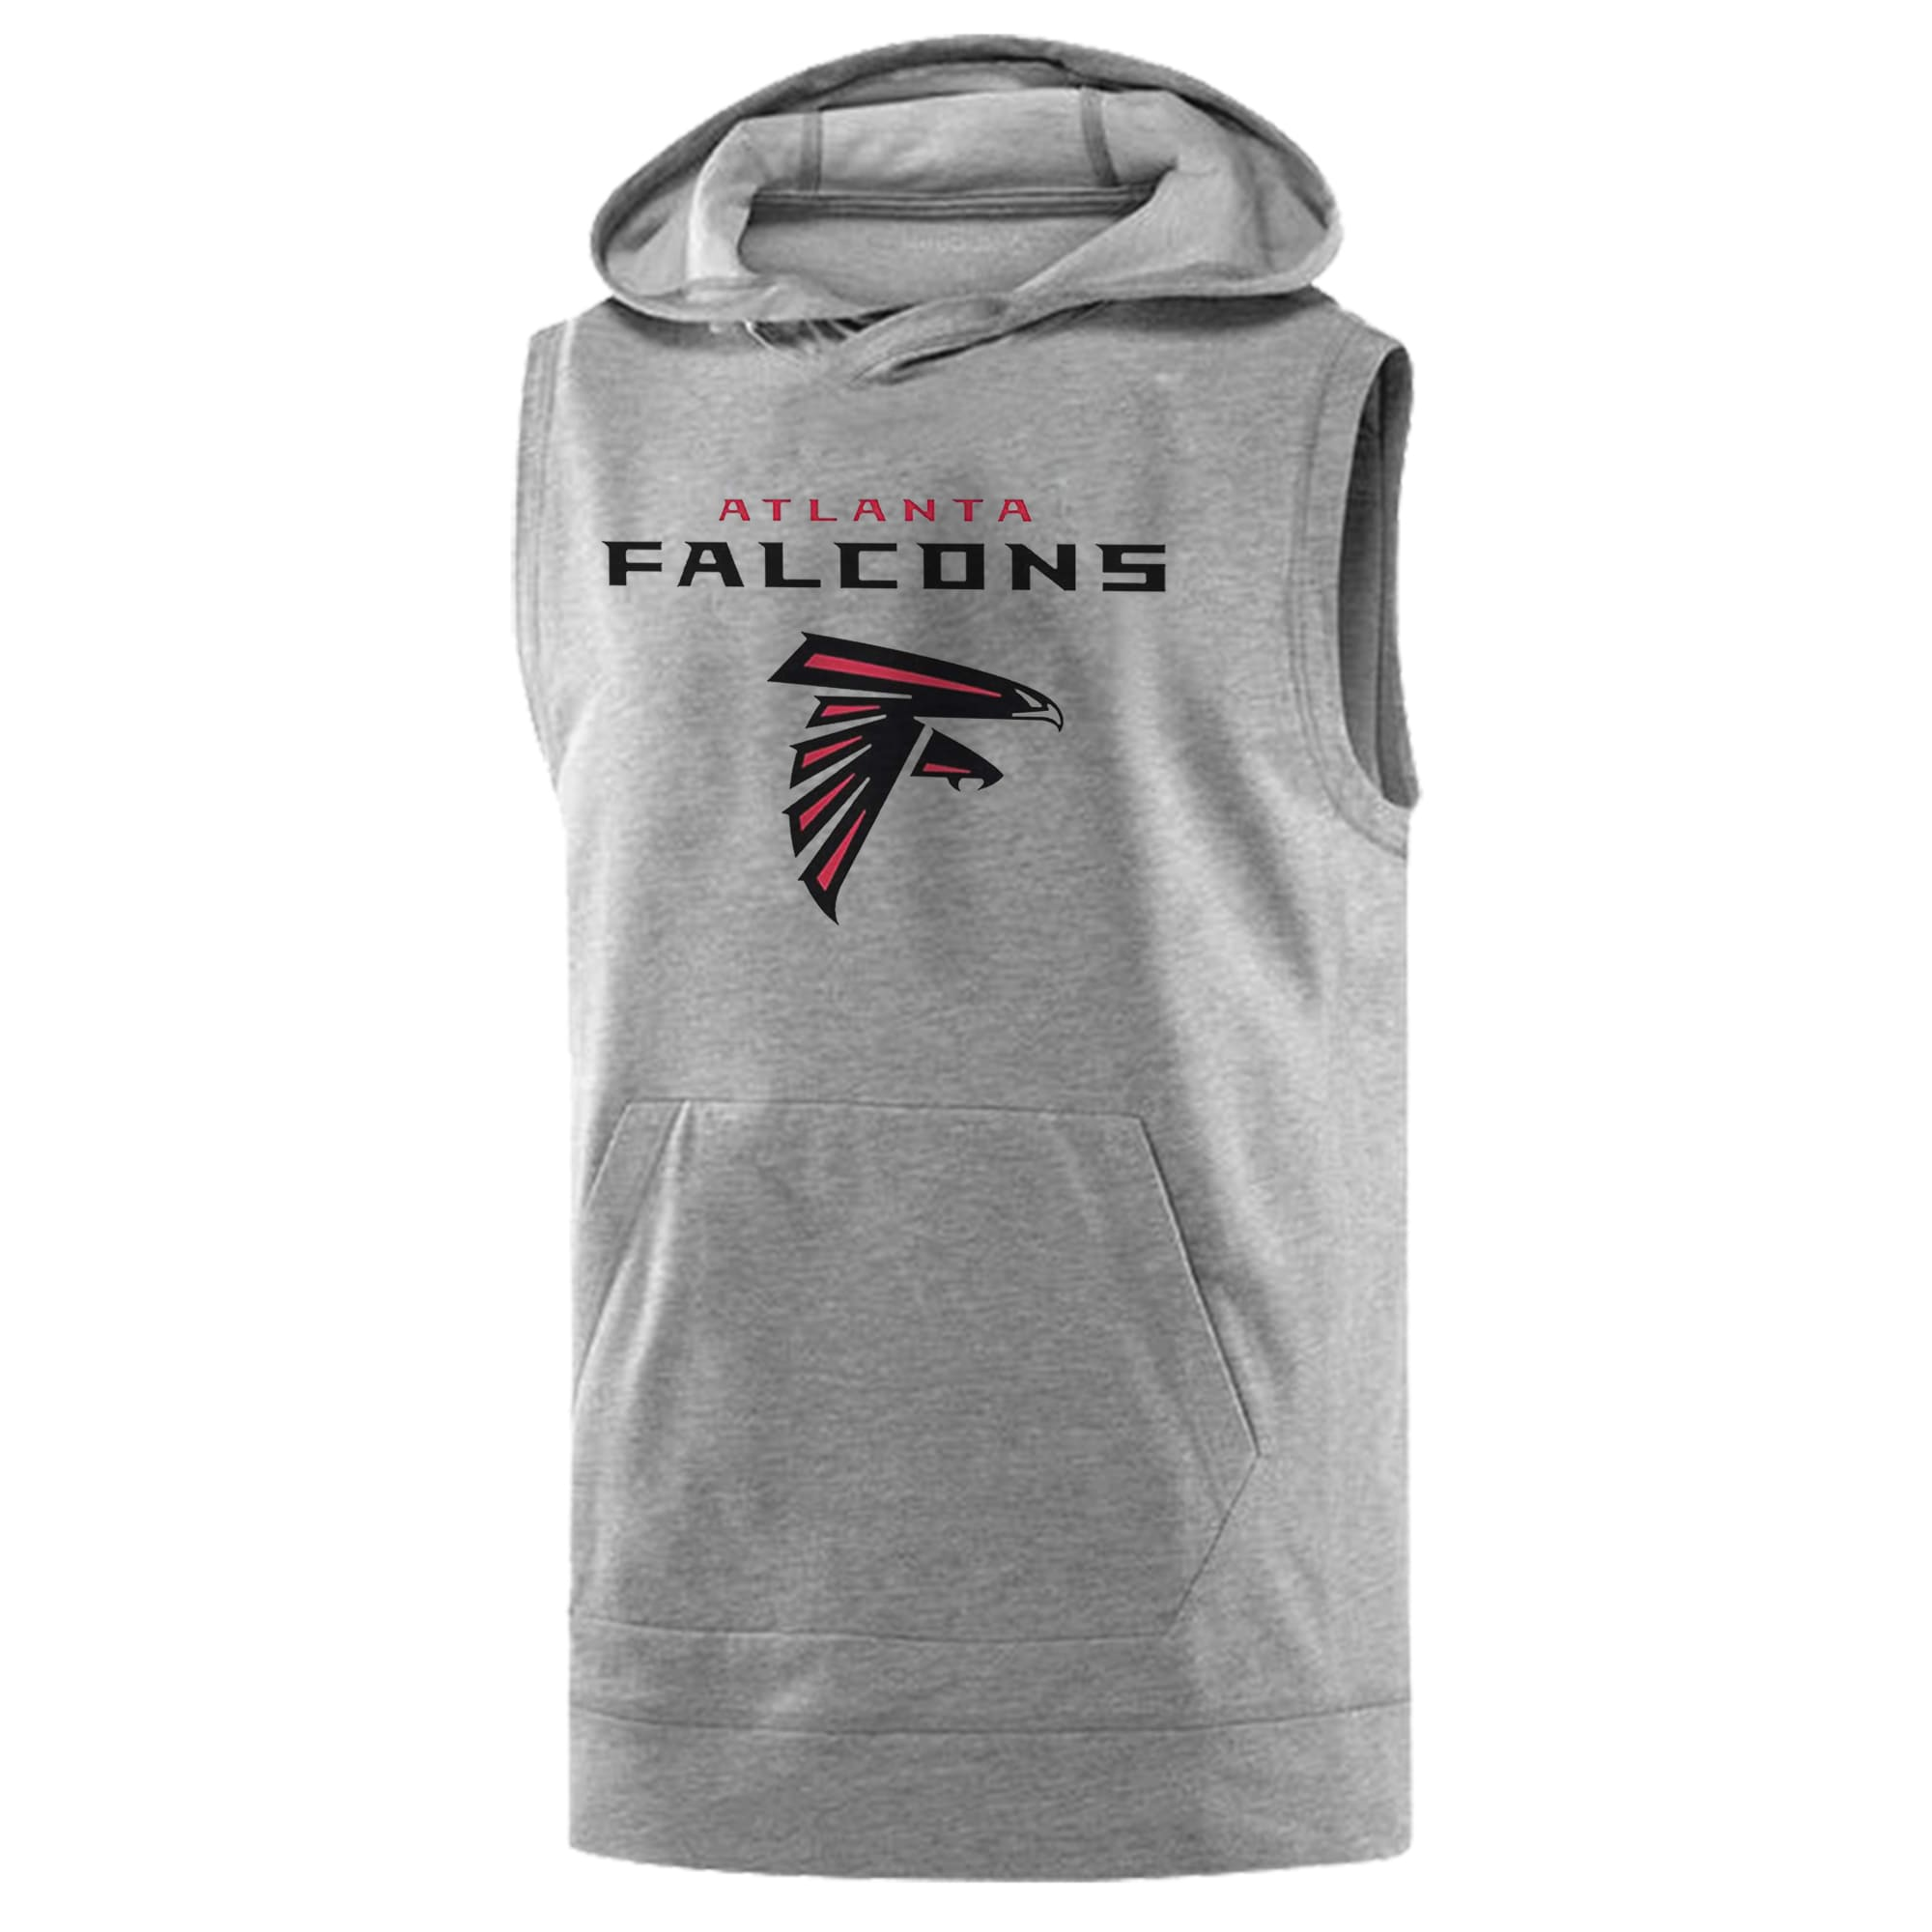 Atlanta Falcons Sleeveless (KLS-GRY-NP-375-ATL.FALCONS)